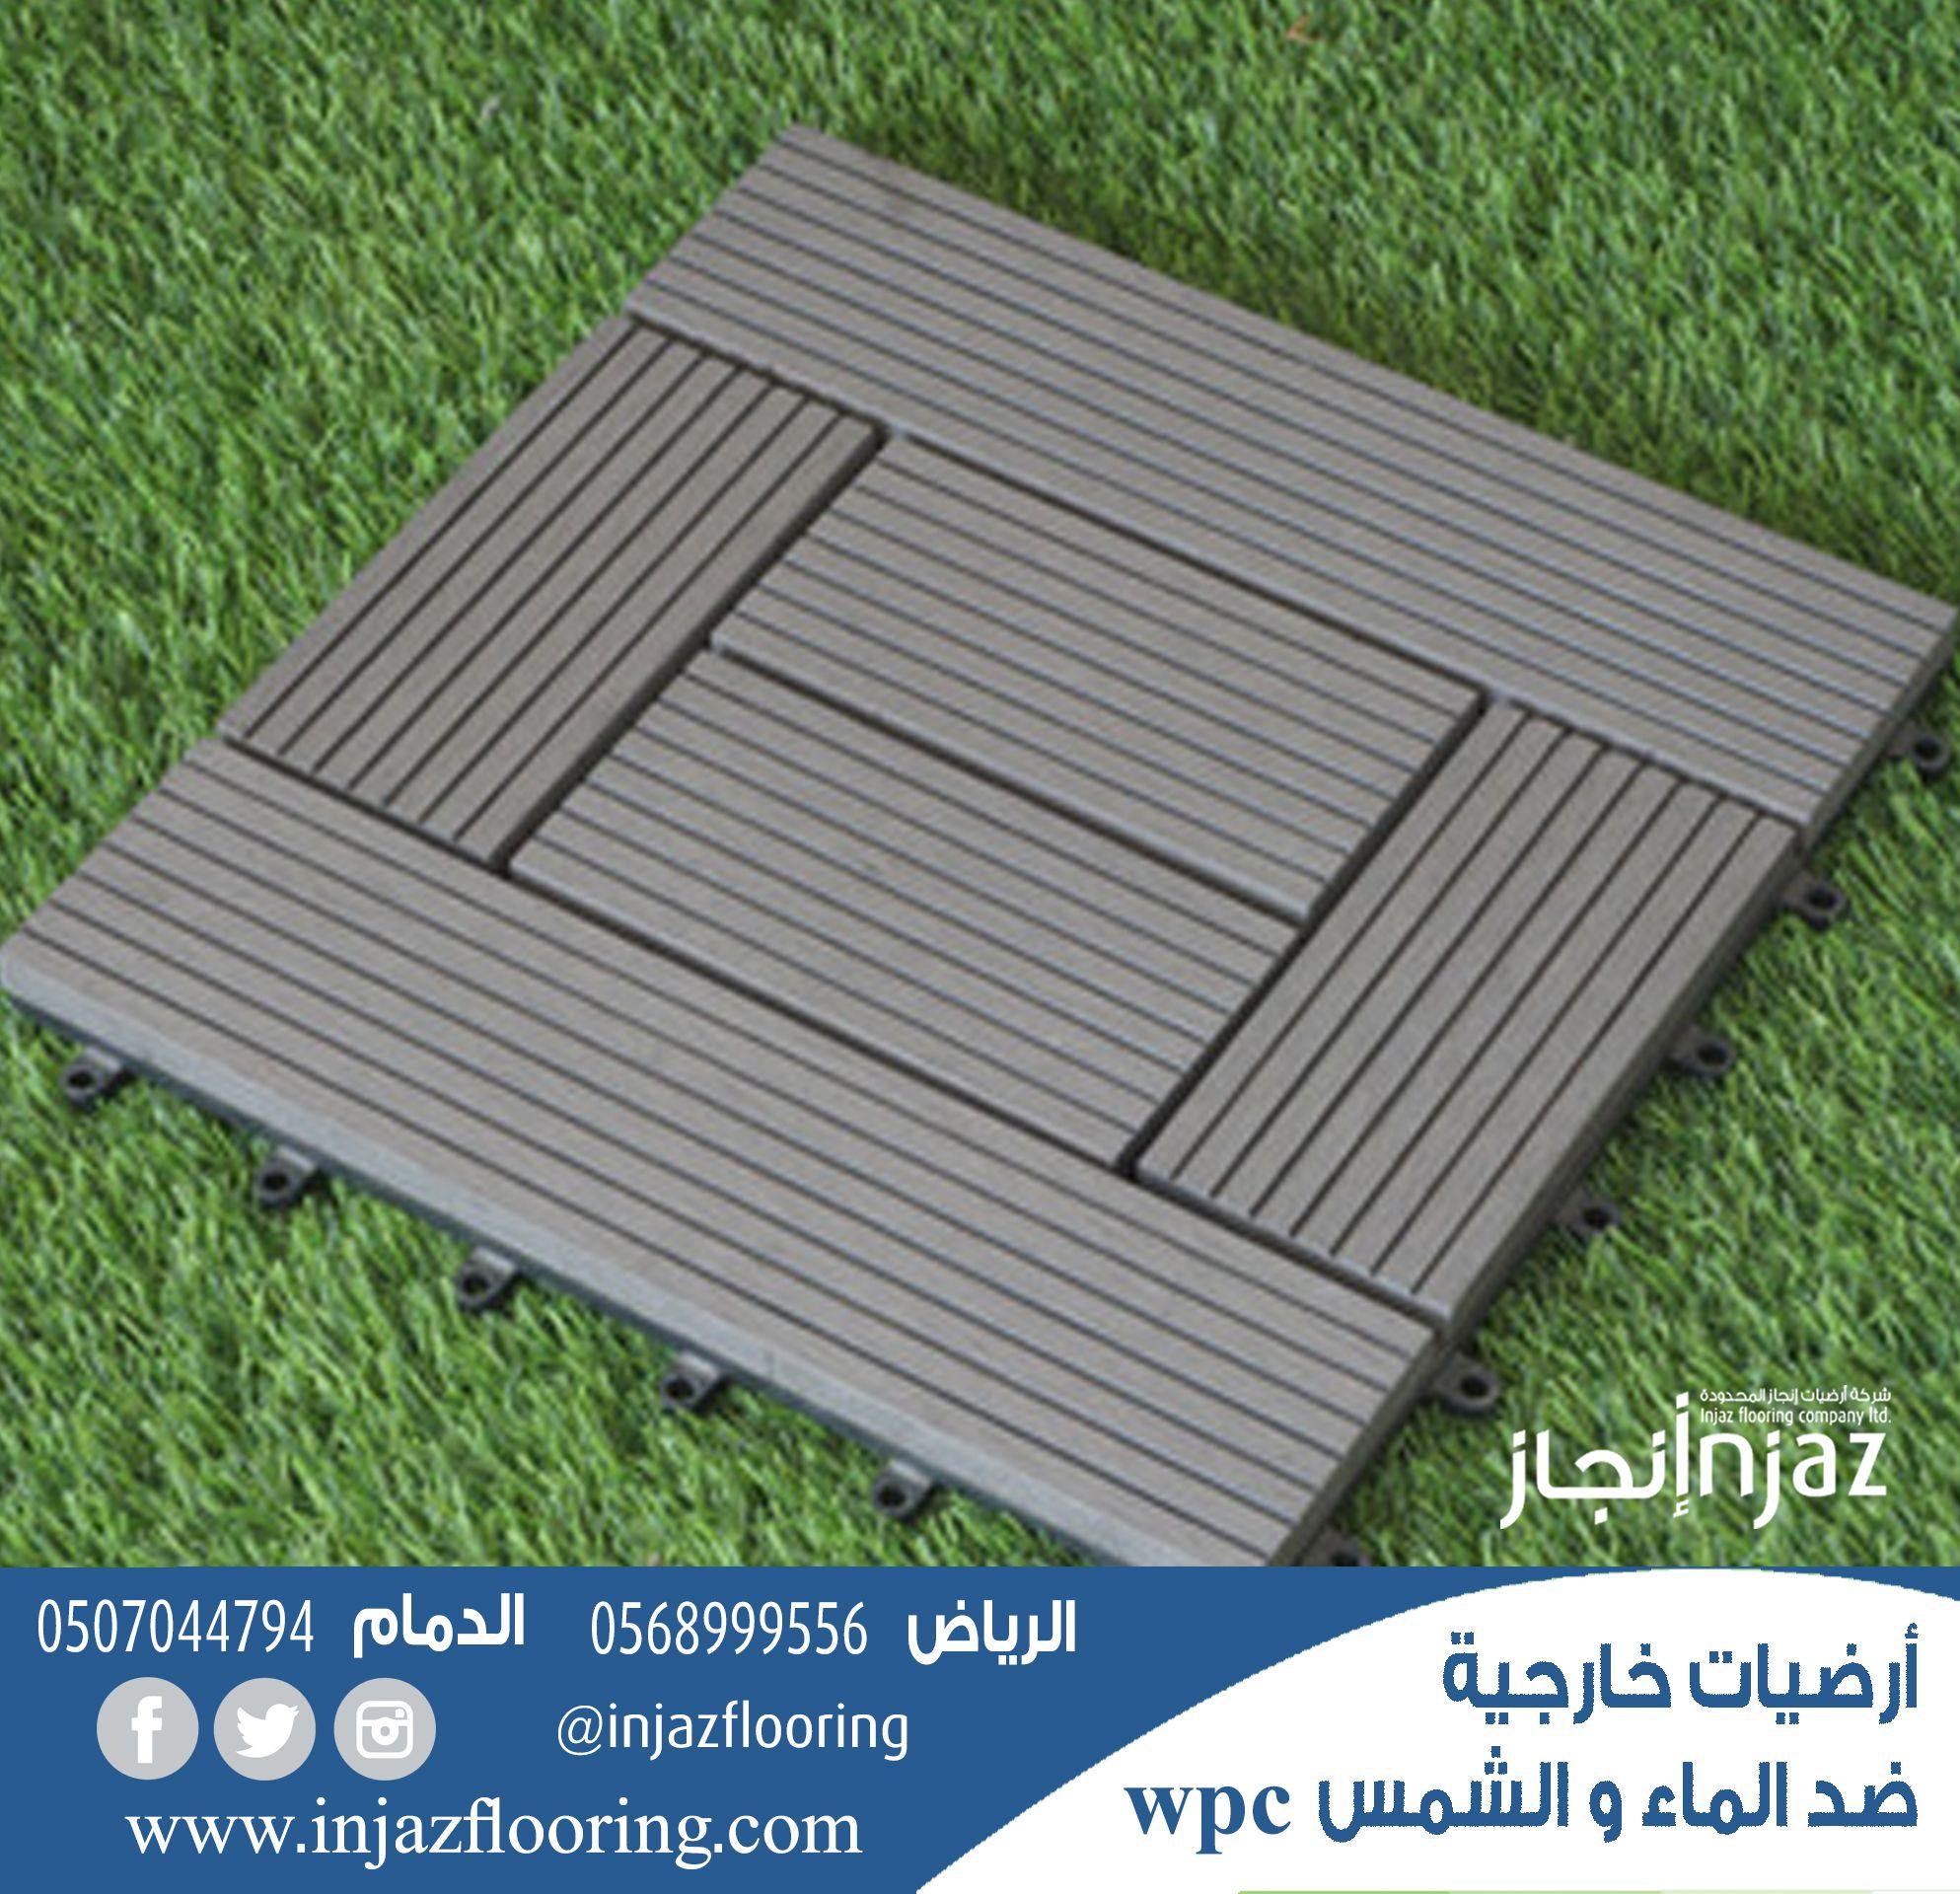 ارضيات خارجية ضد الماء Outdoor Storage Outdoor Storage Box Outdoor Decor